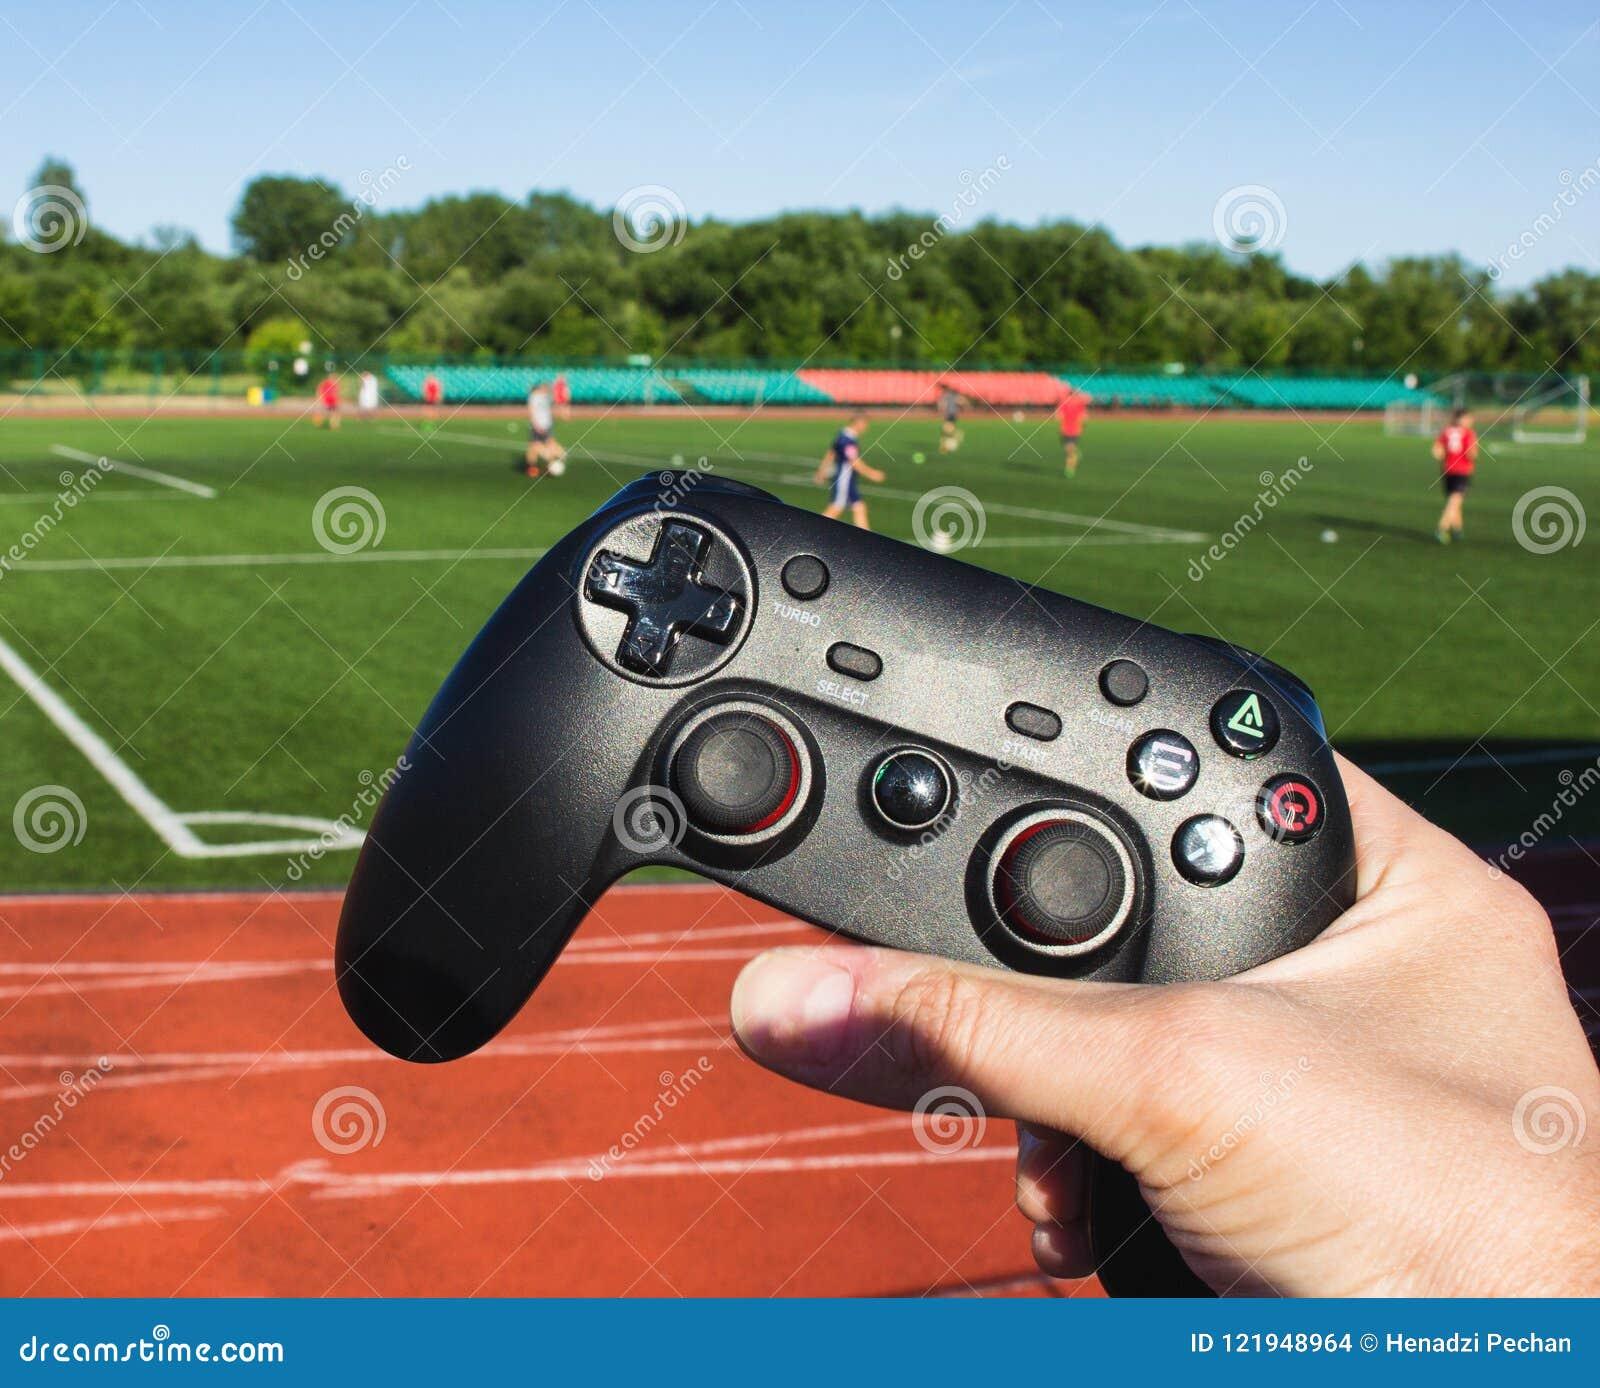 Mannen klickar på knapparna i den modiga styrspaken på bakgrunden av stadion och leken av fotboll, närbild